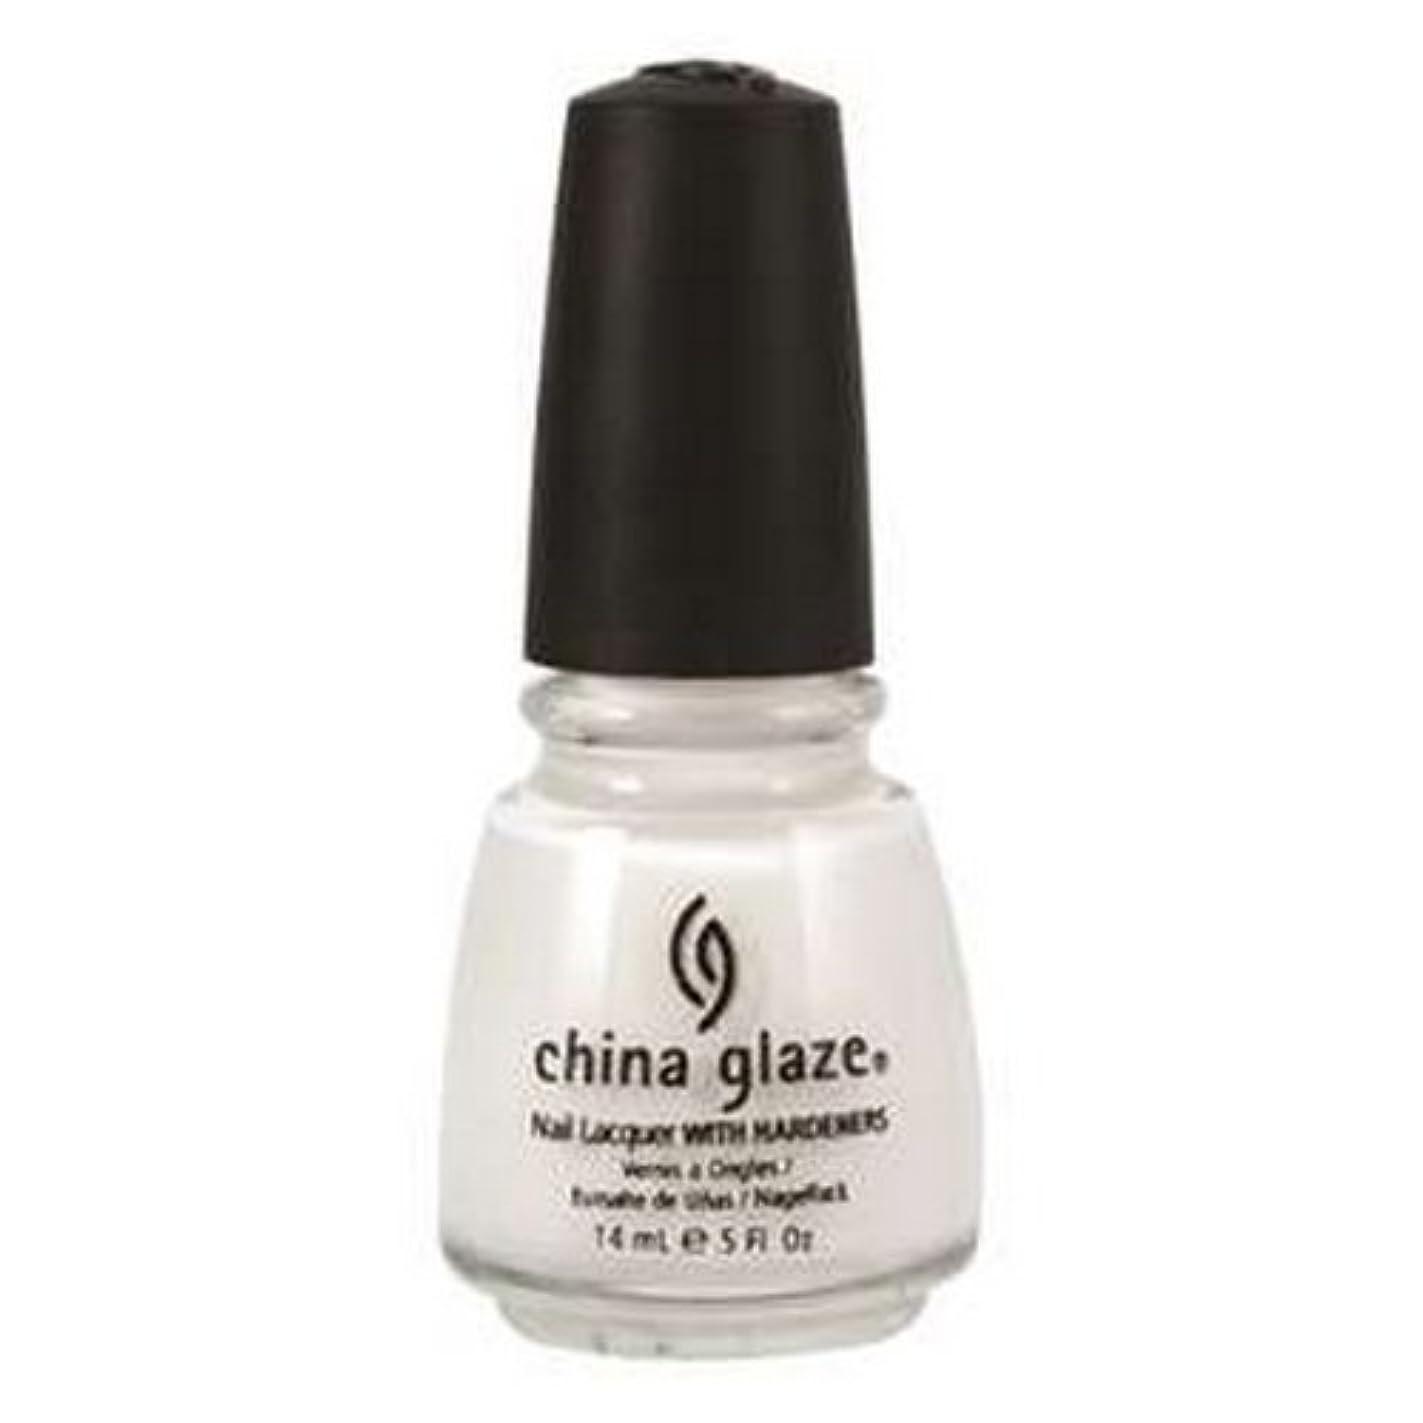 重要な役割を果たす、中心的な手段となる台無しにテストCHINA GLAZE Nail Lacquer with Nail Hardner 2 - Snow (並行輸入品)